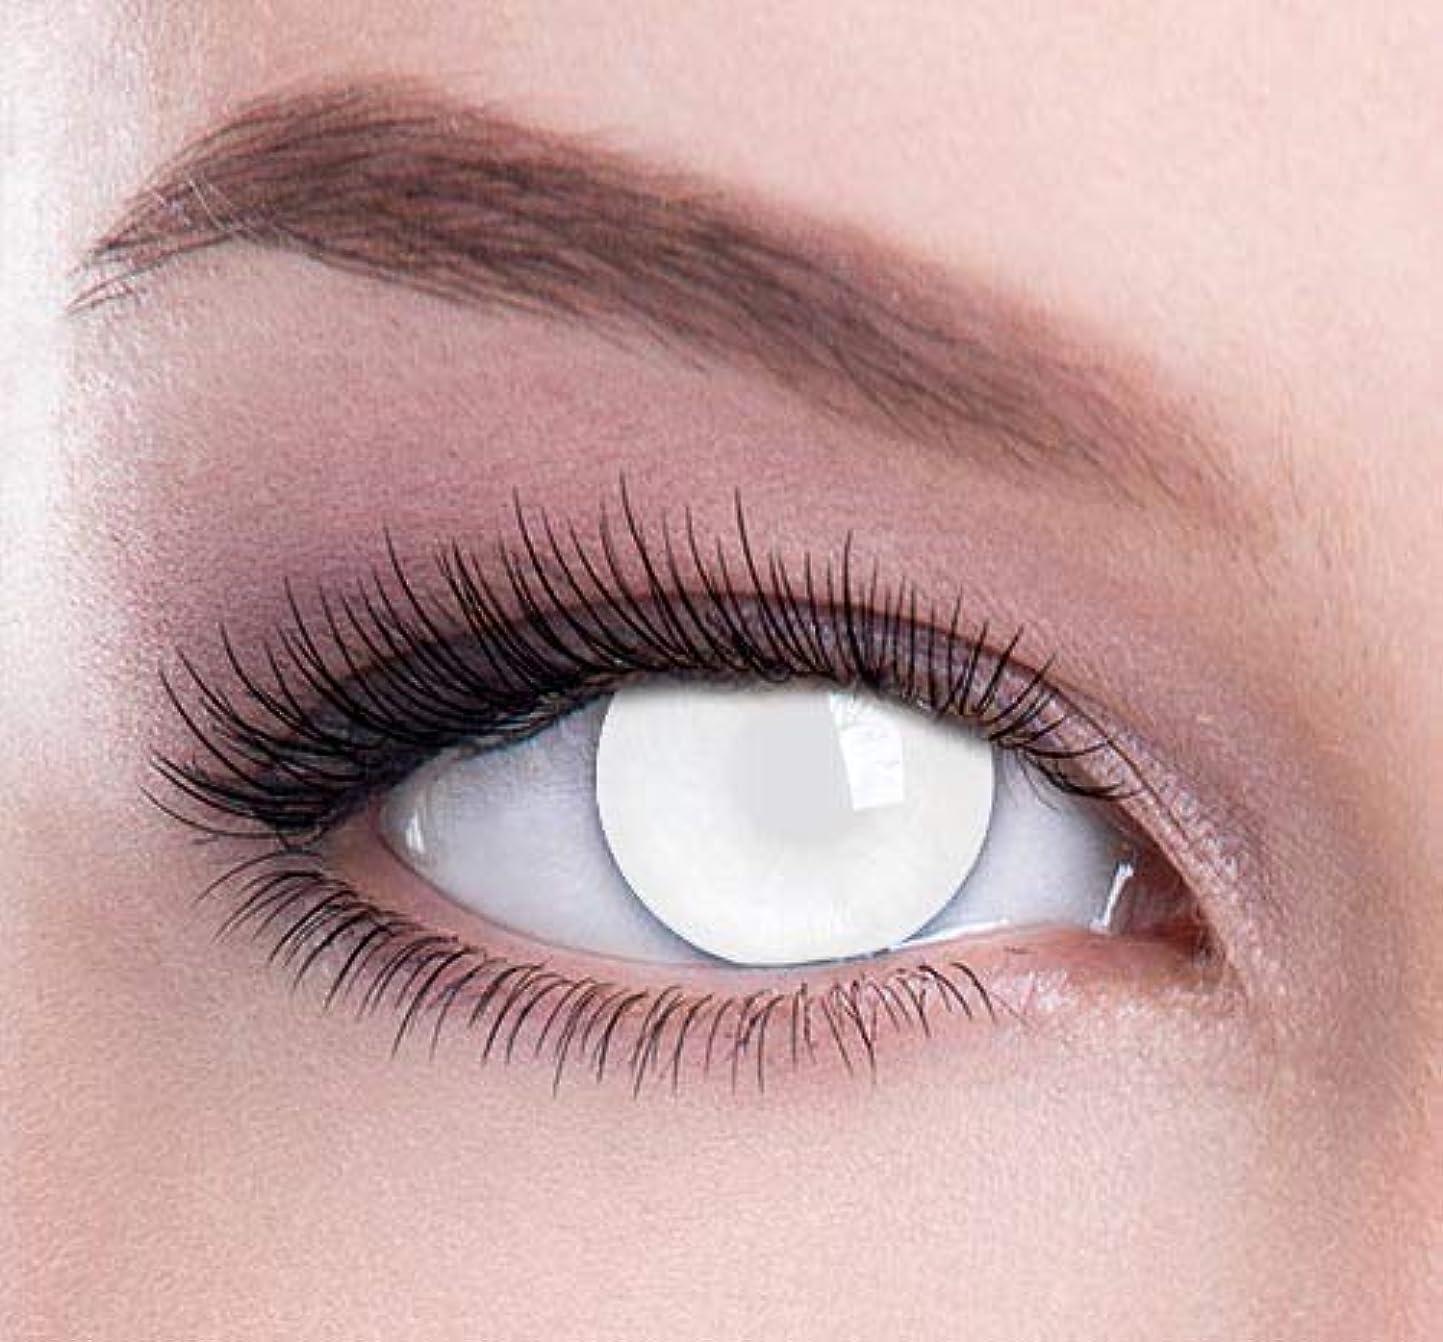 彼らは古代下手Cosplay Color Contact Lenses 化粧用コンタクトレンズ、ハロウィーンコスプレ カラーコンタクトレンズ、なファッションコンタクトレンズ (オールホワイト)